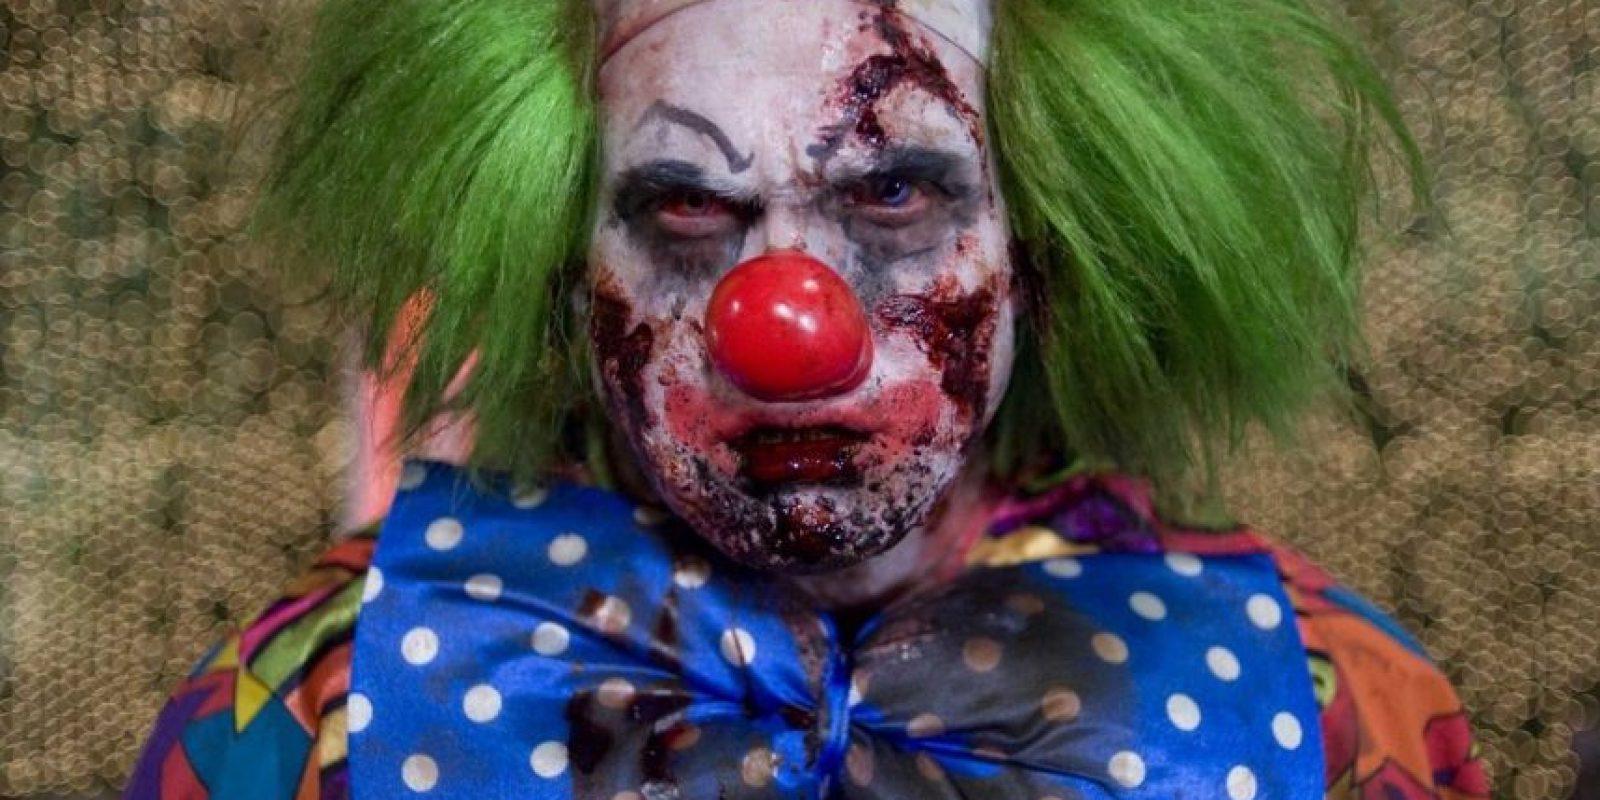 El personaje principal se encuentra con un espeluznante payaso zombificado al final de la película. Foto:Vía IMDB